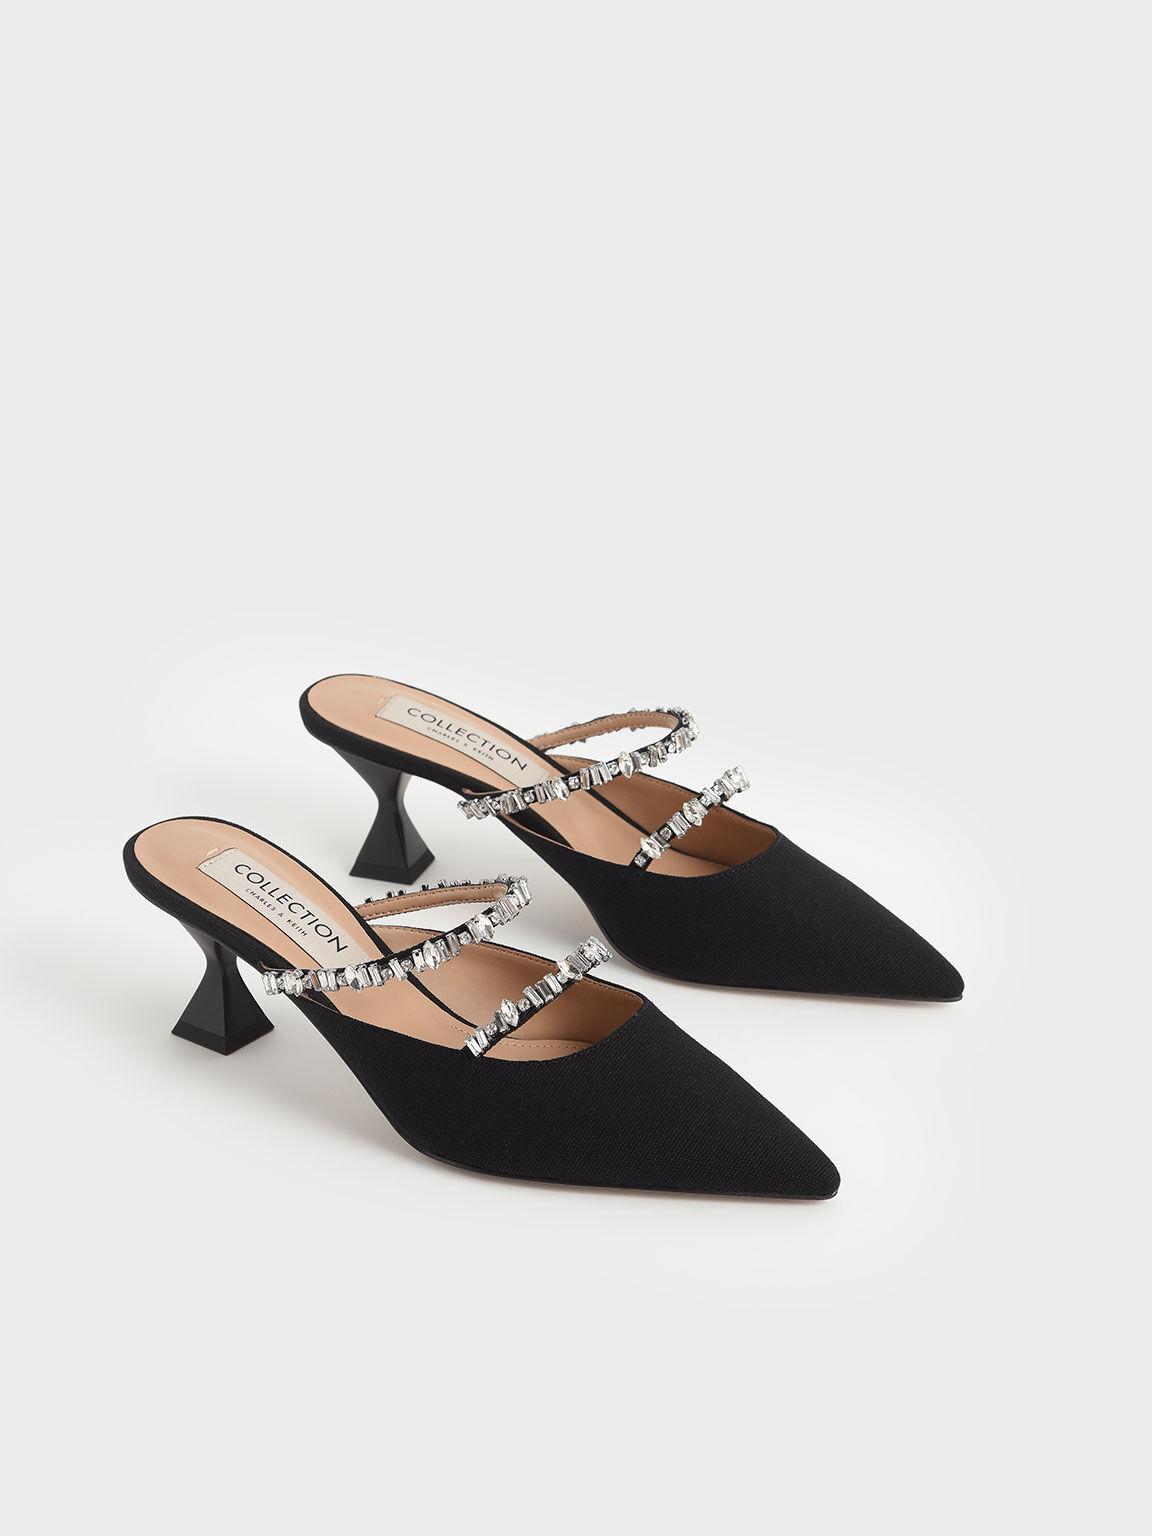 Canvas Gem-Embellished Mules, Black, hi-res